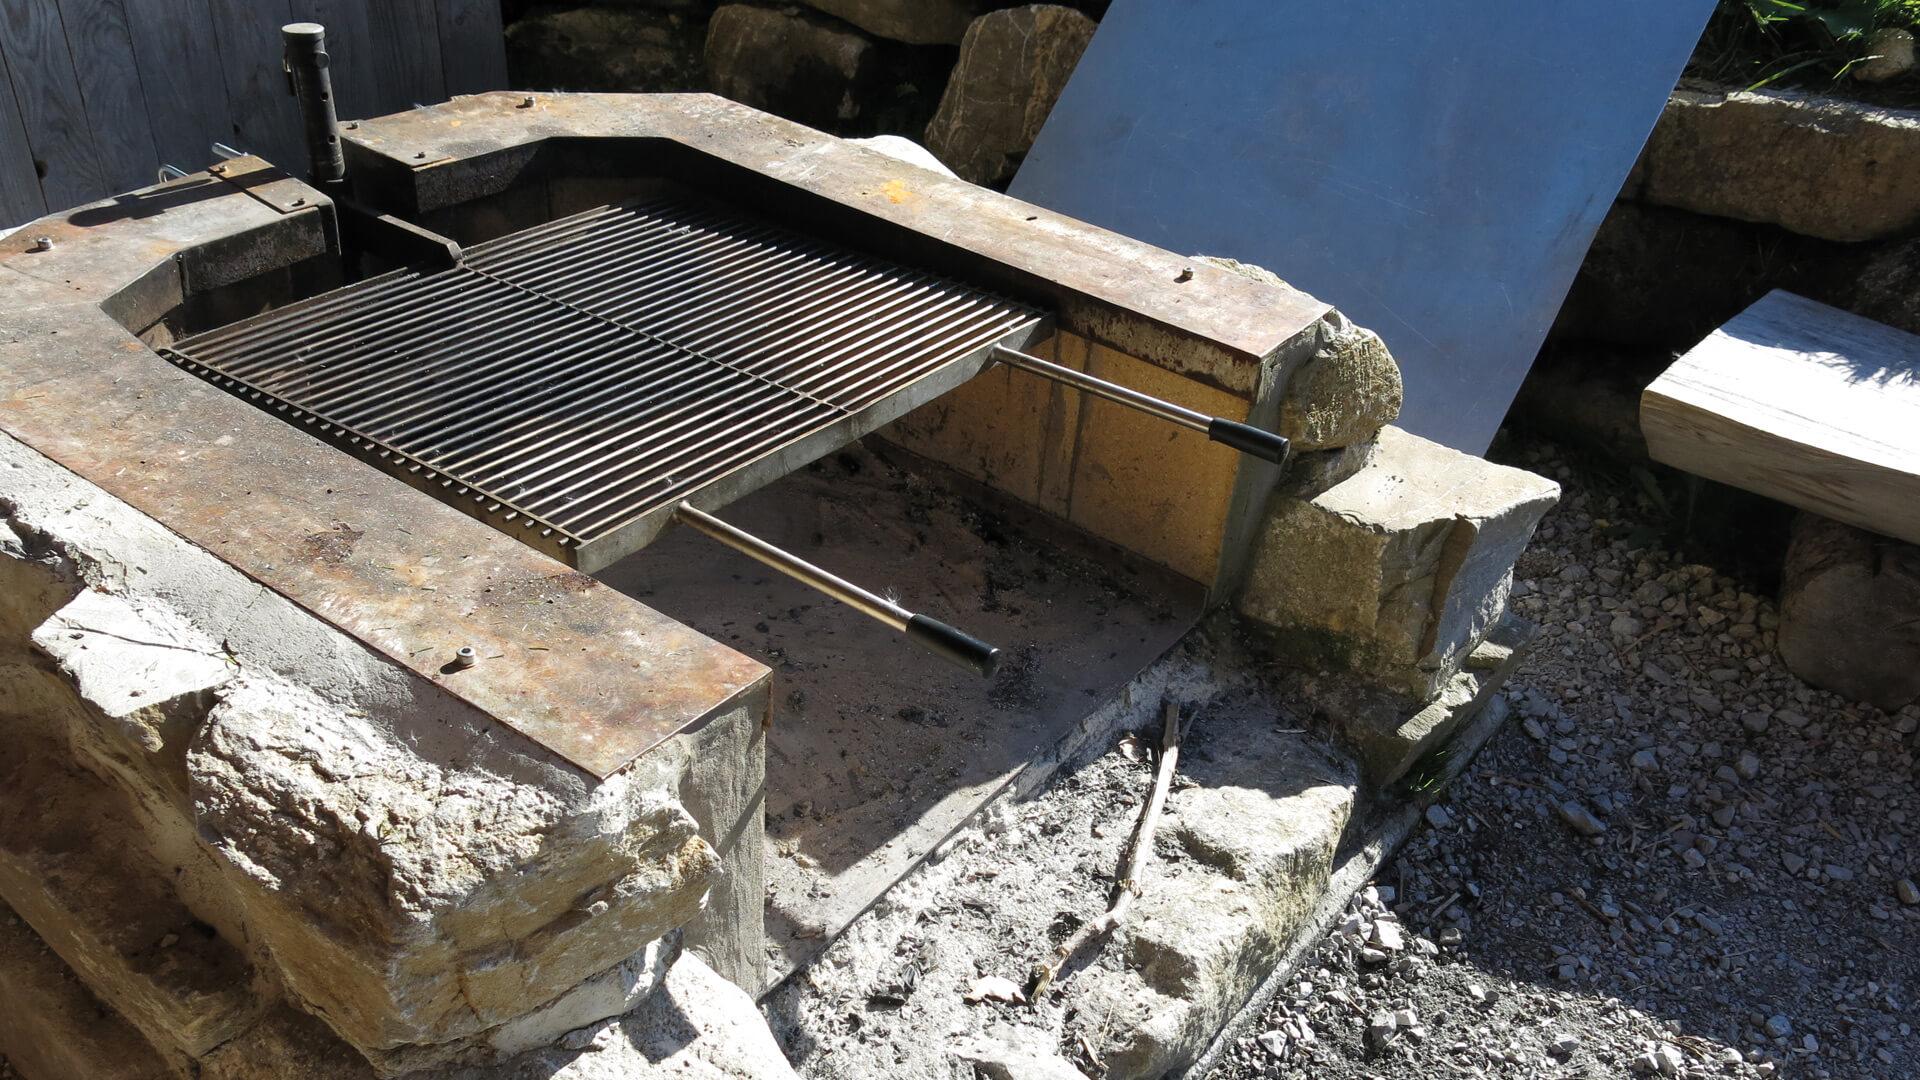 naturpark-diemtigtal-feuerstelle-schwingerweg-grill